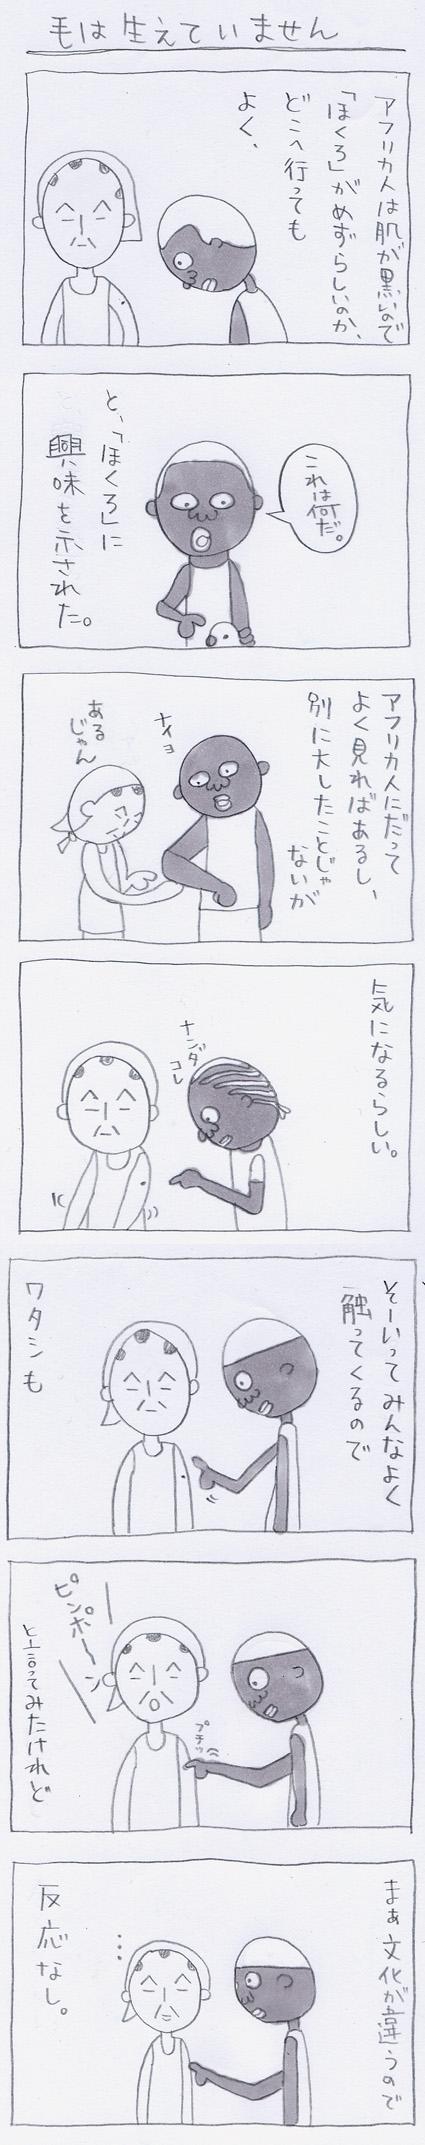 ホクロノハナシ